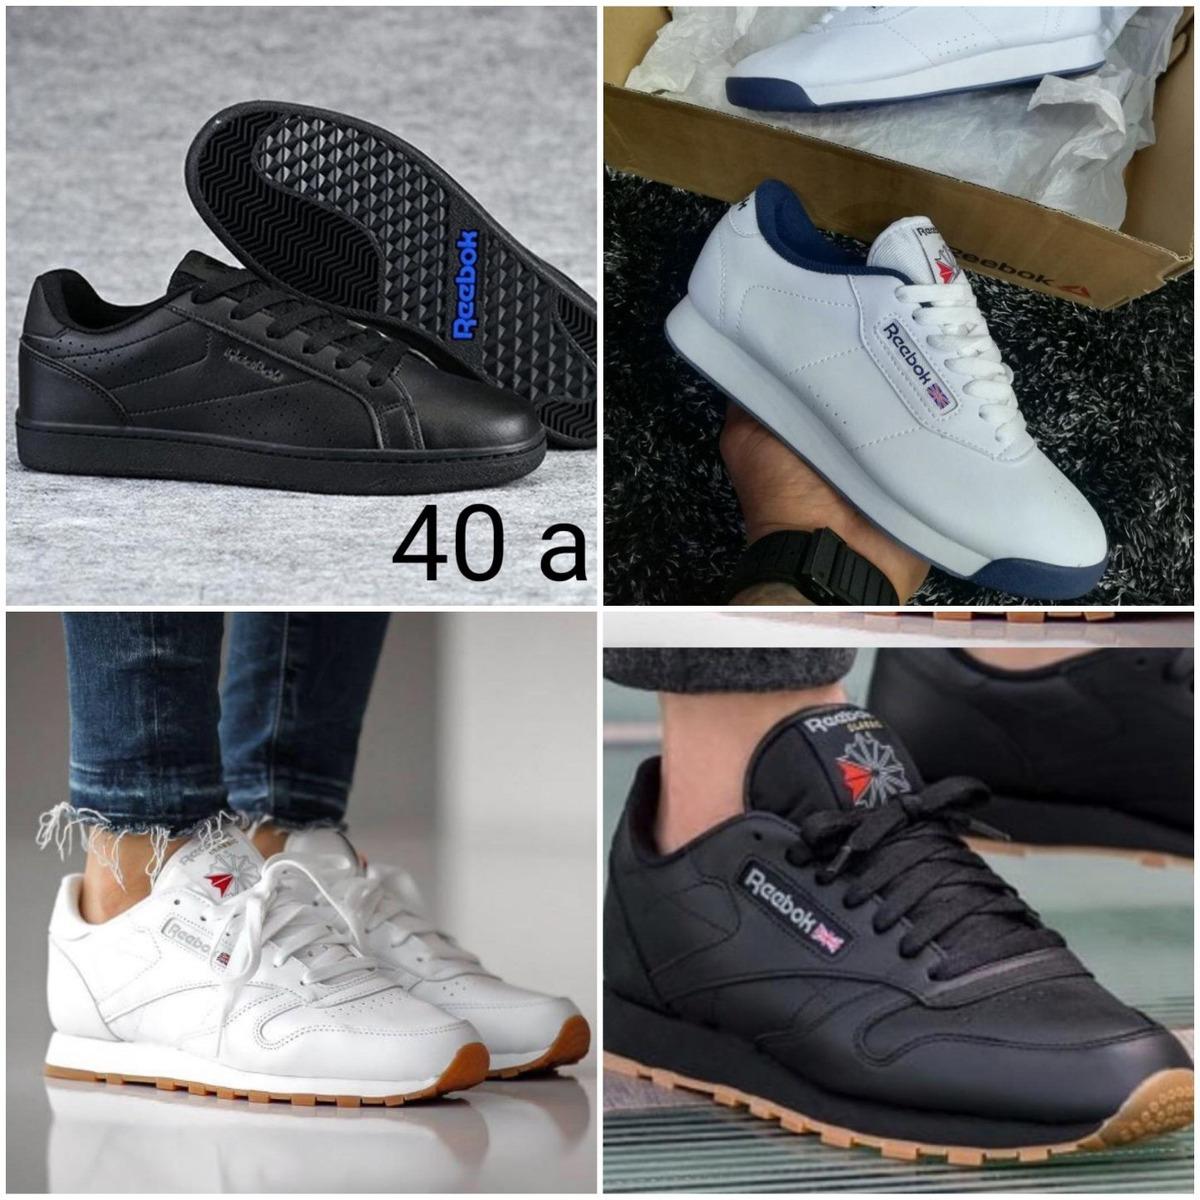 zapatos adidas mercadolibre ecuador outlet wikipedia